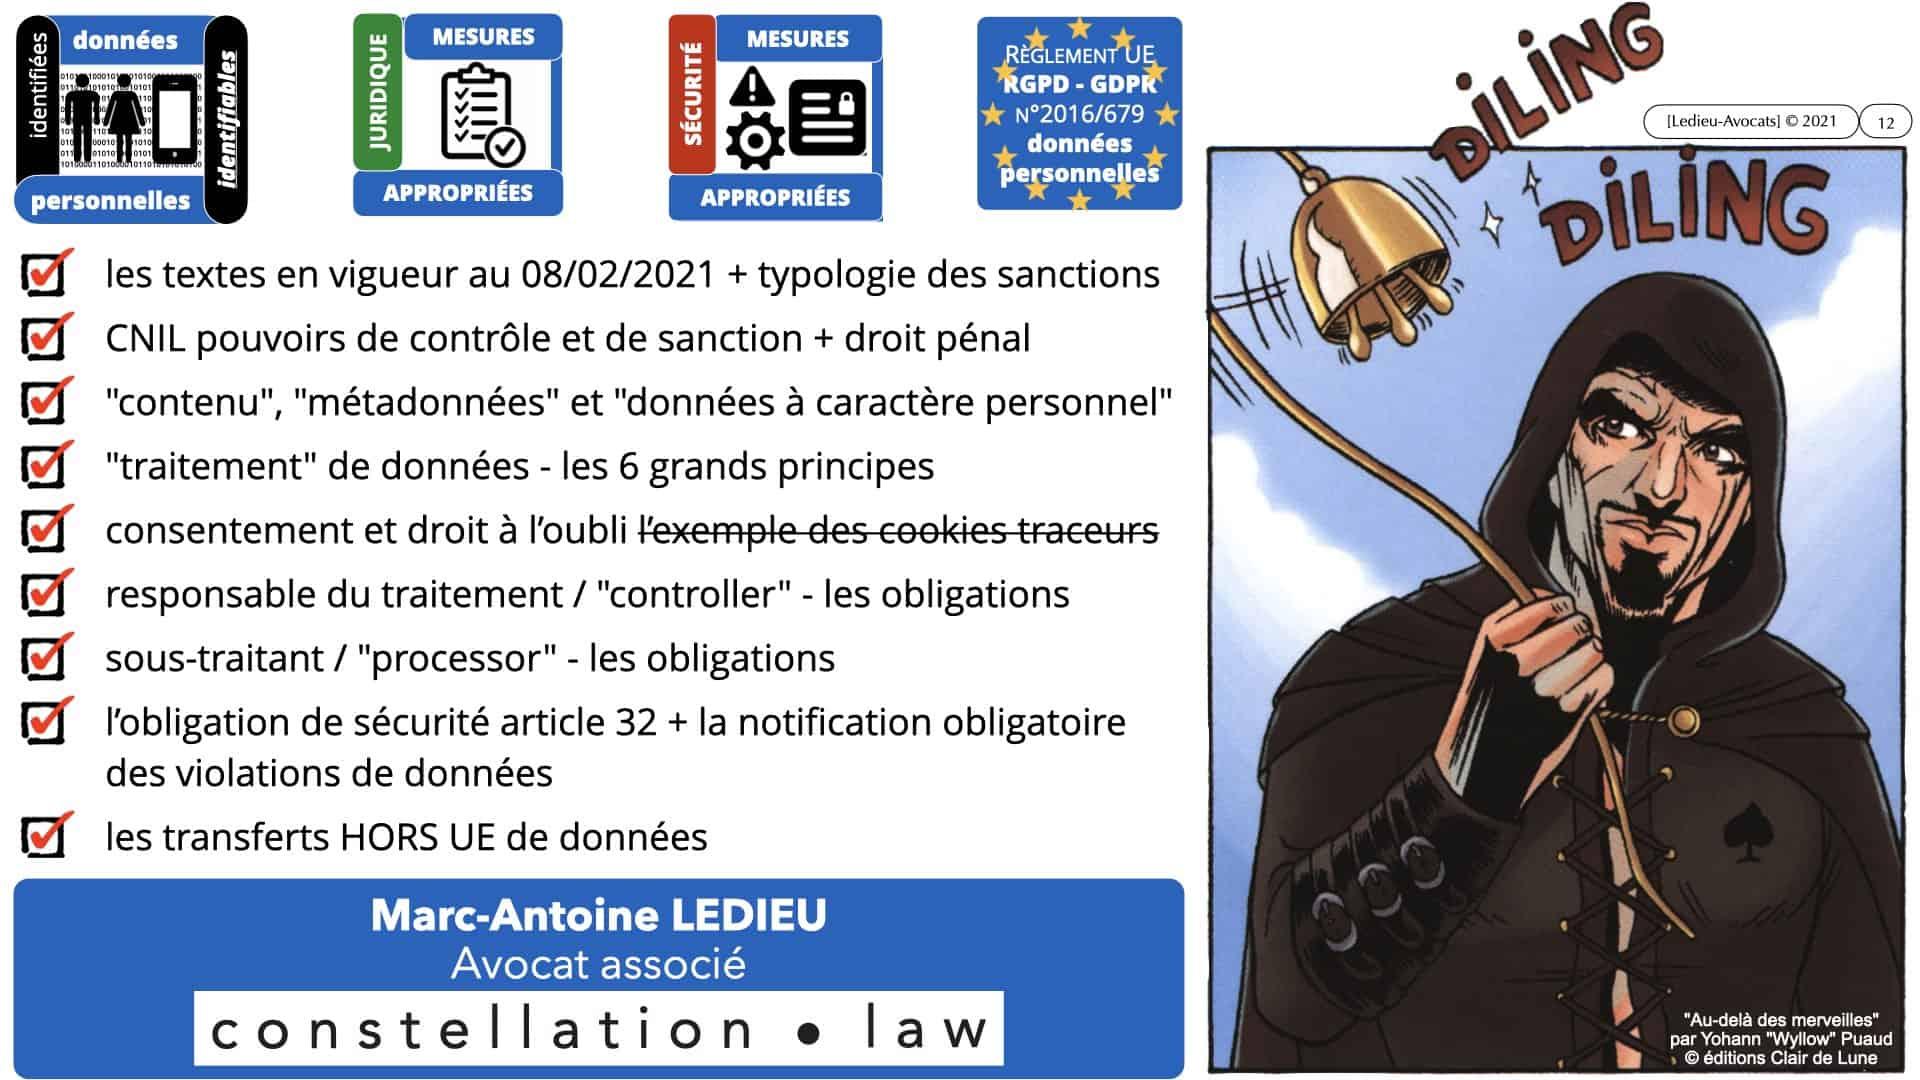 RGPD e-Privacy données personnelles + jurisprudence 2011 -> 2021